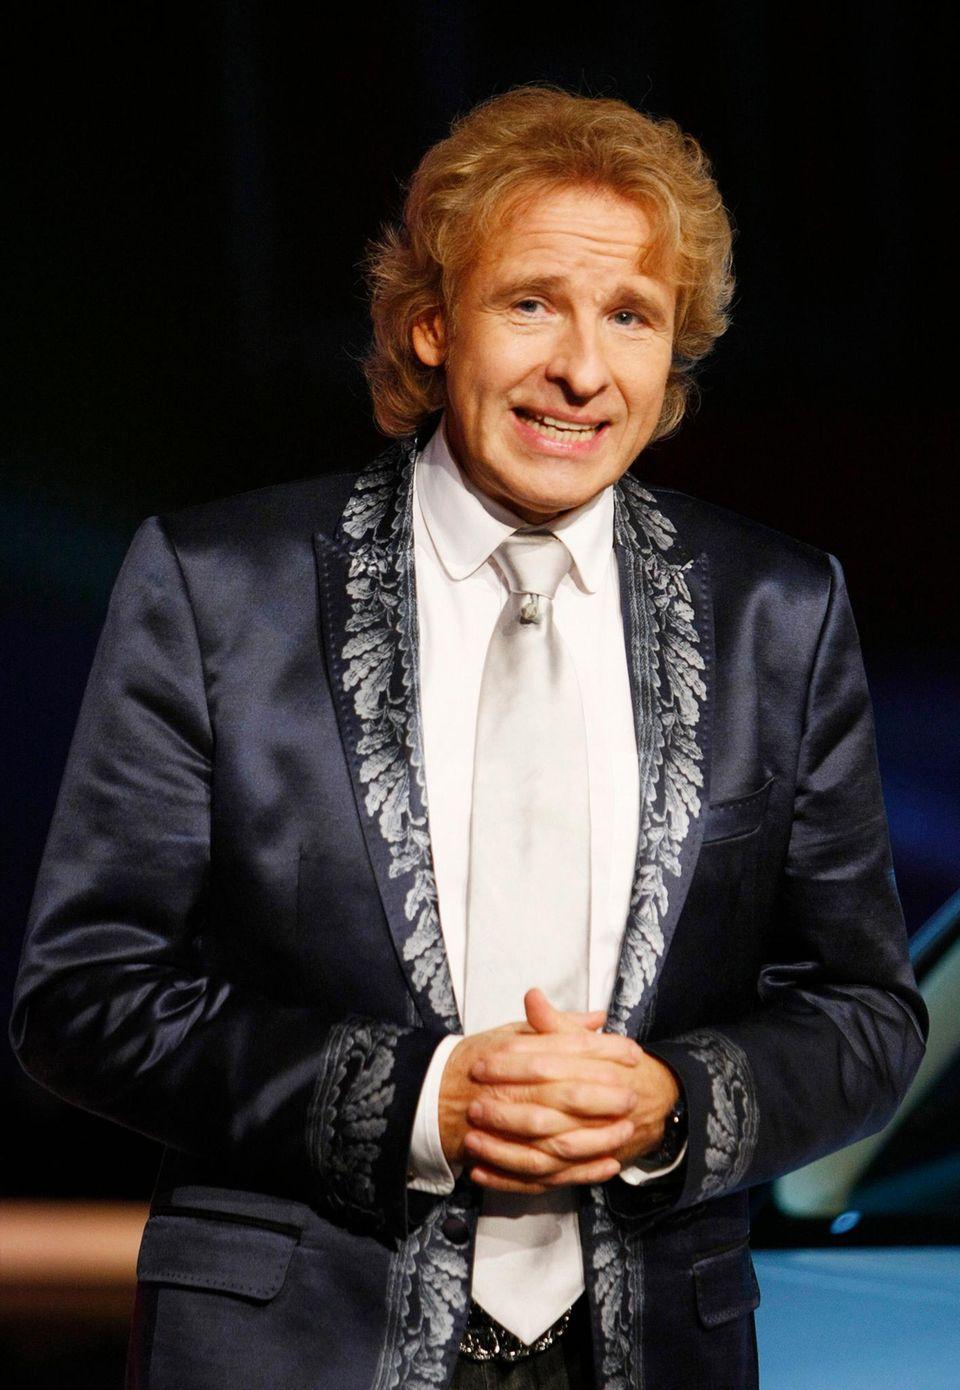 5. Dezember 2009: Mit seinem blau-silbernen Outfit verbreitet Thomas Gottschalk während der Moderation von 'Wetten, dass...?' in Bremen vorweihnachtliche Stimmung.